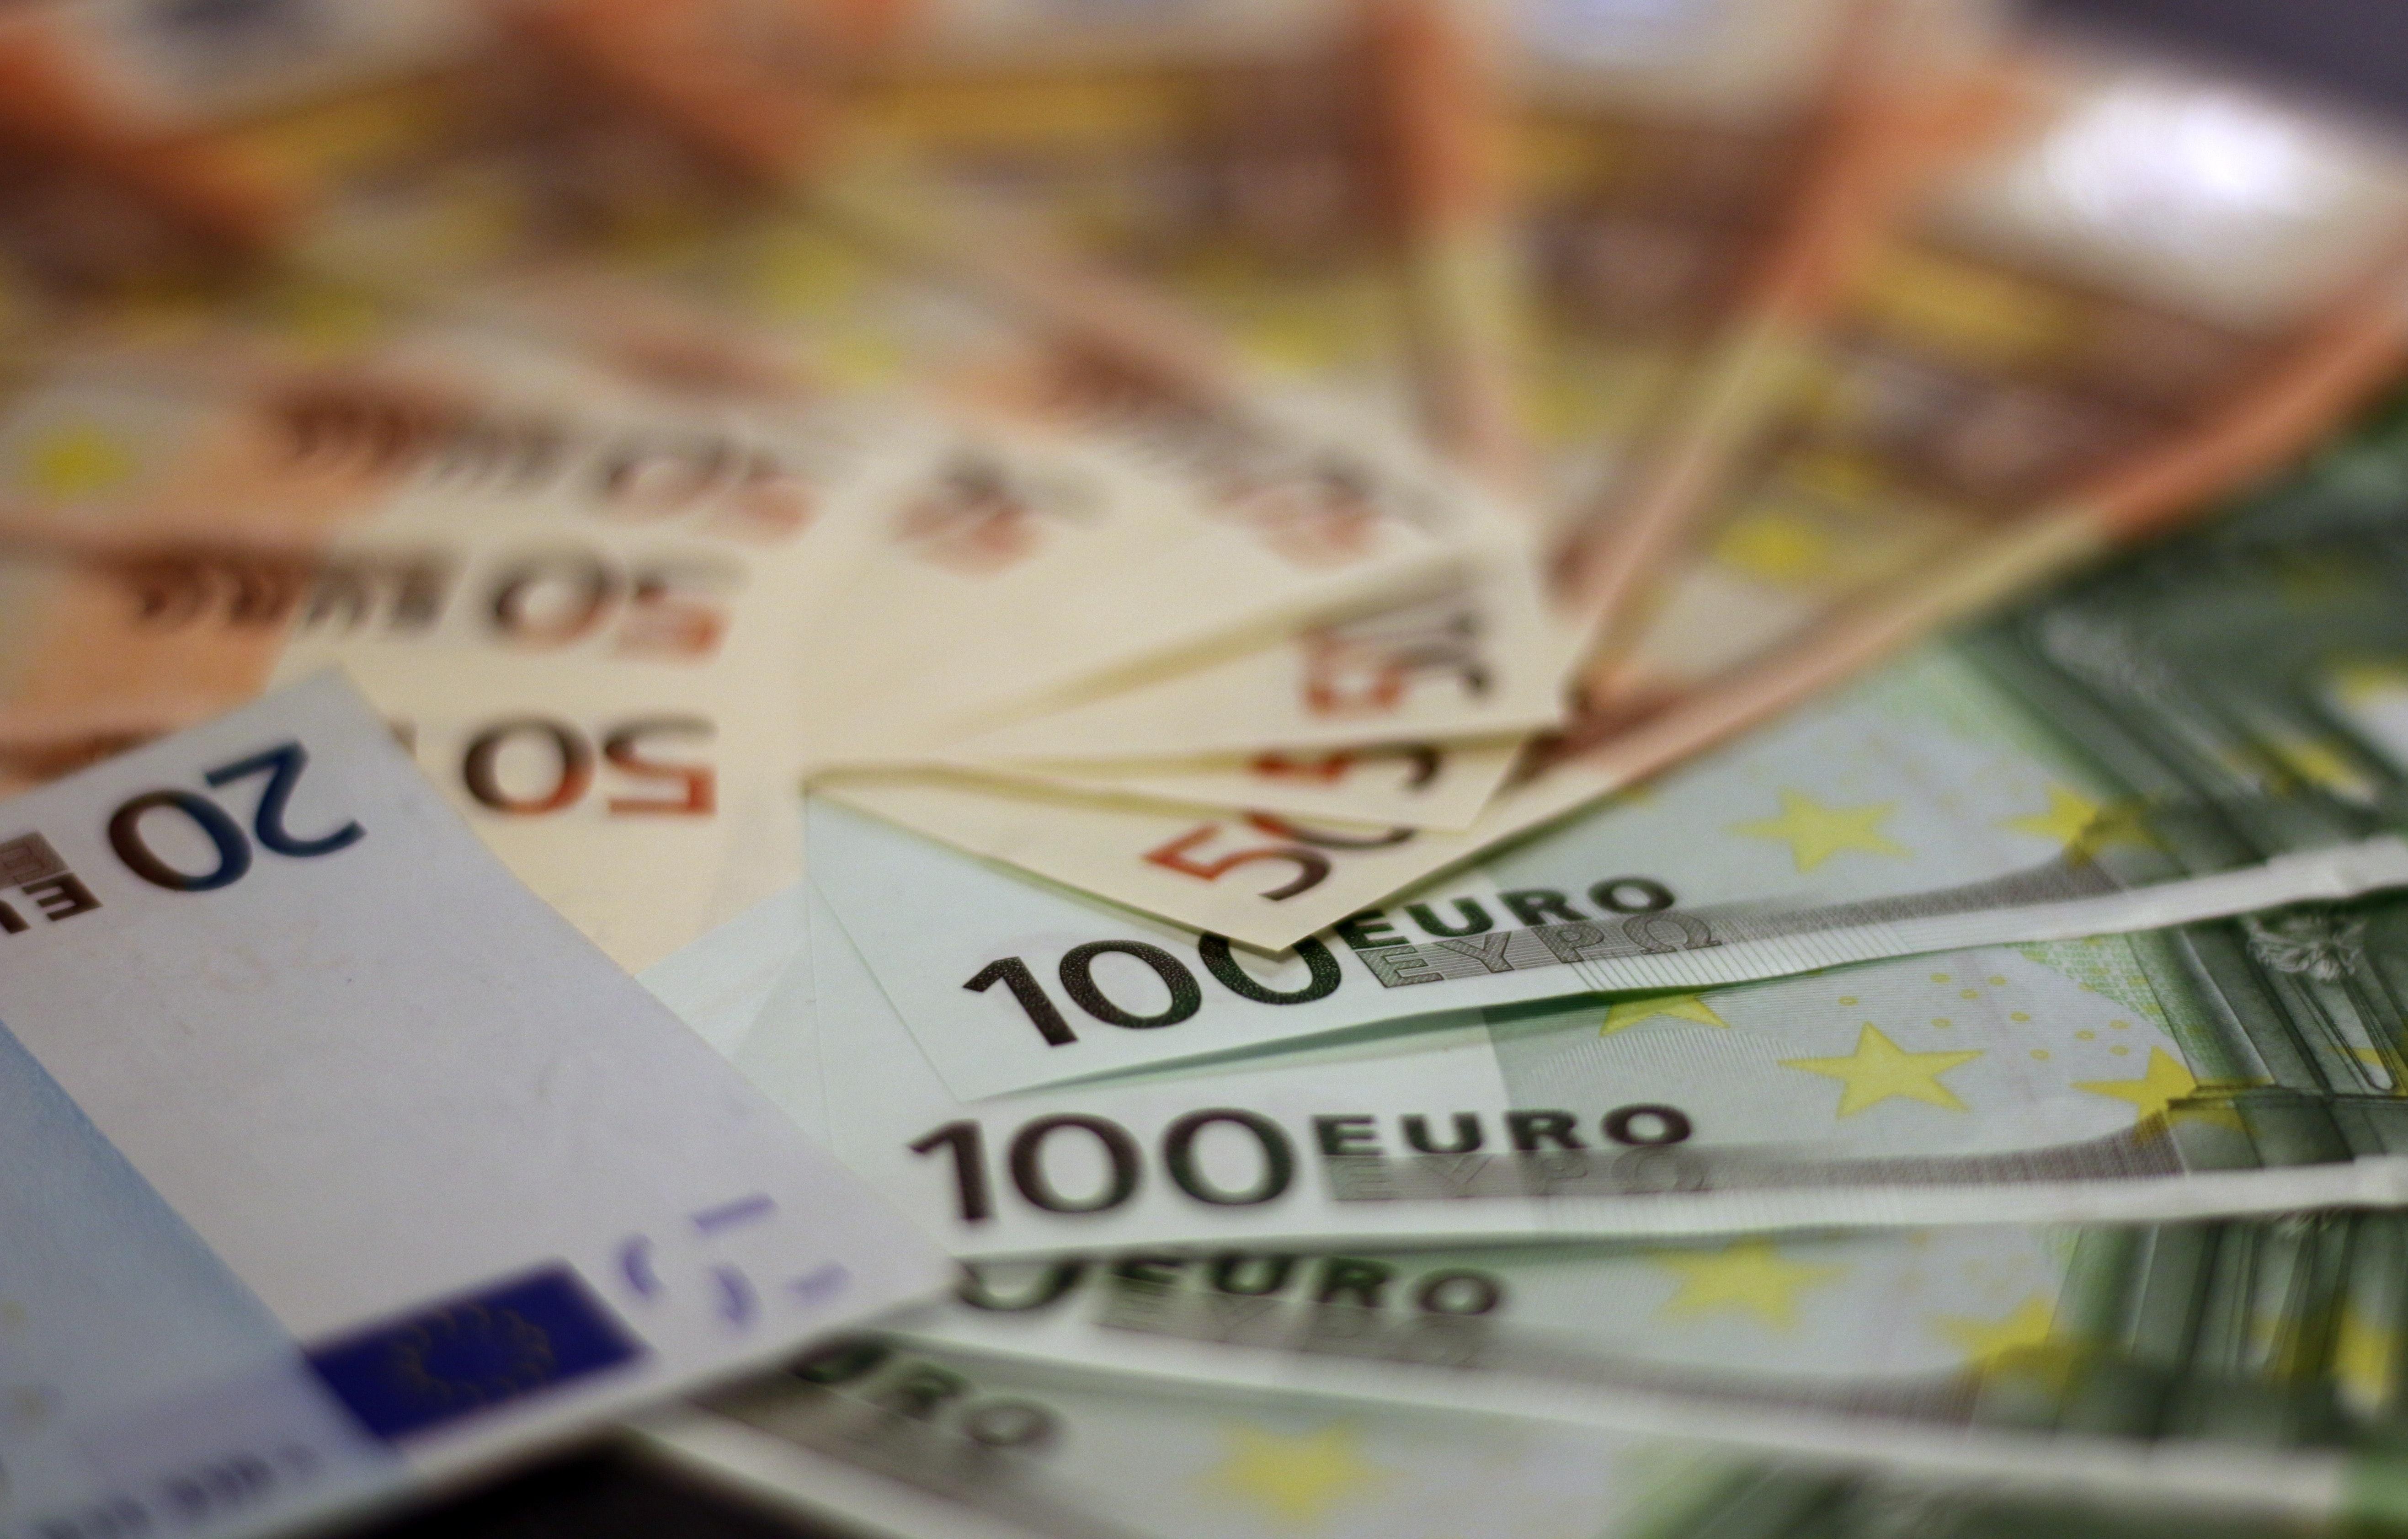 bank-notes-bill-bills-259100